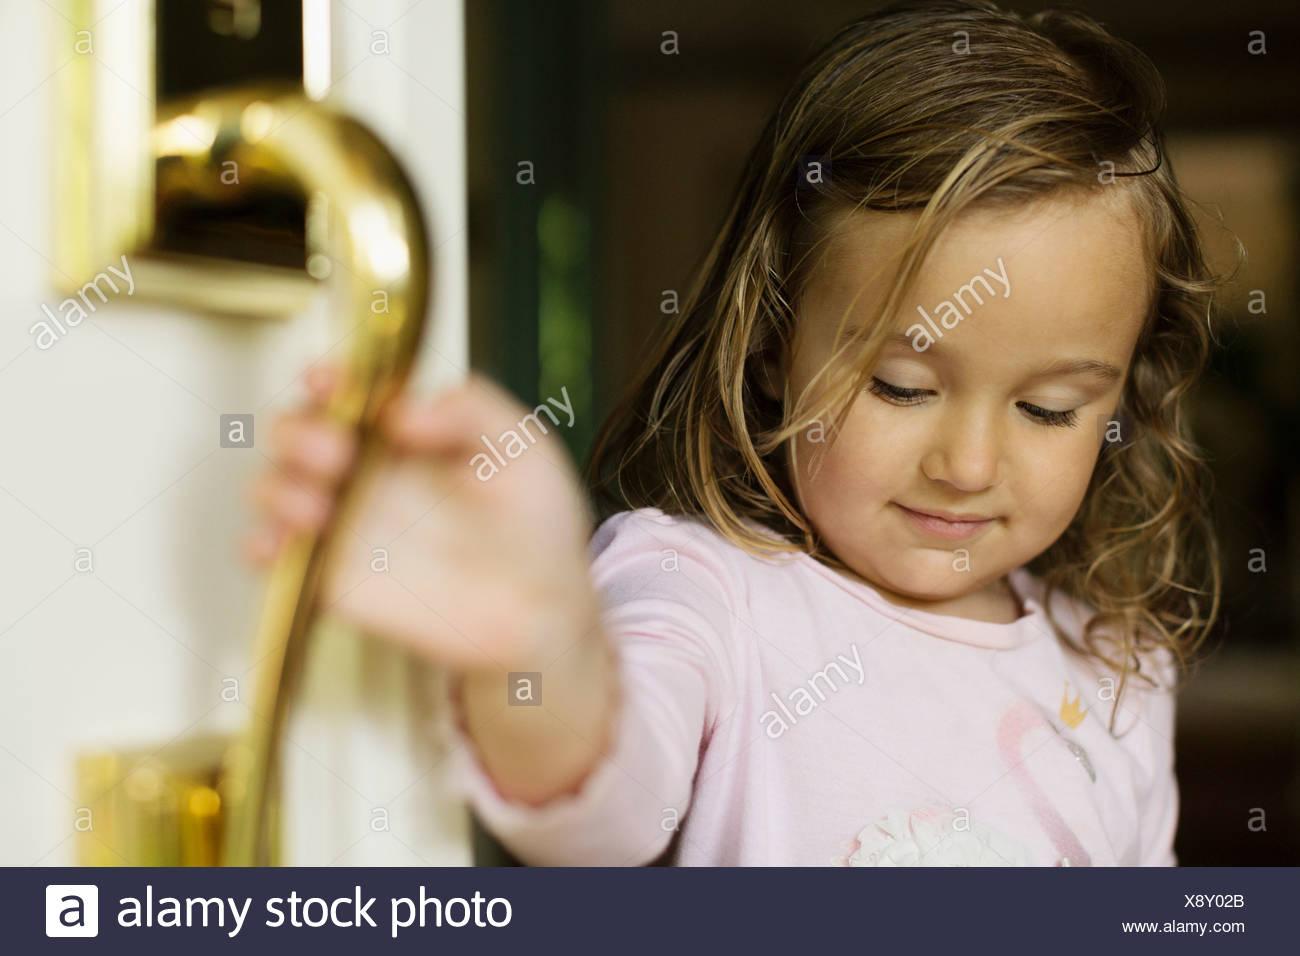 Female toddler opening door Photo Stock